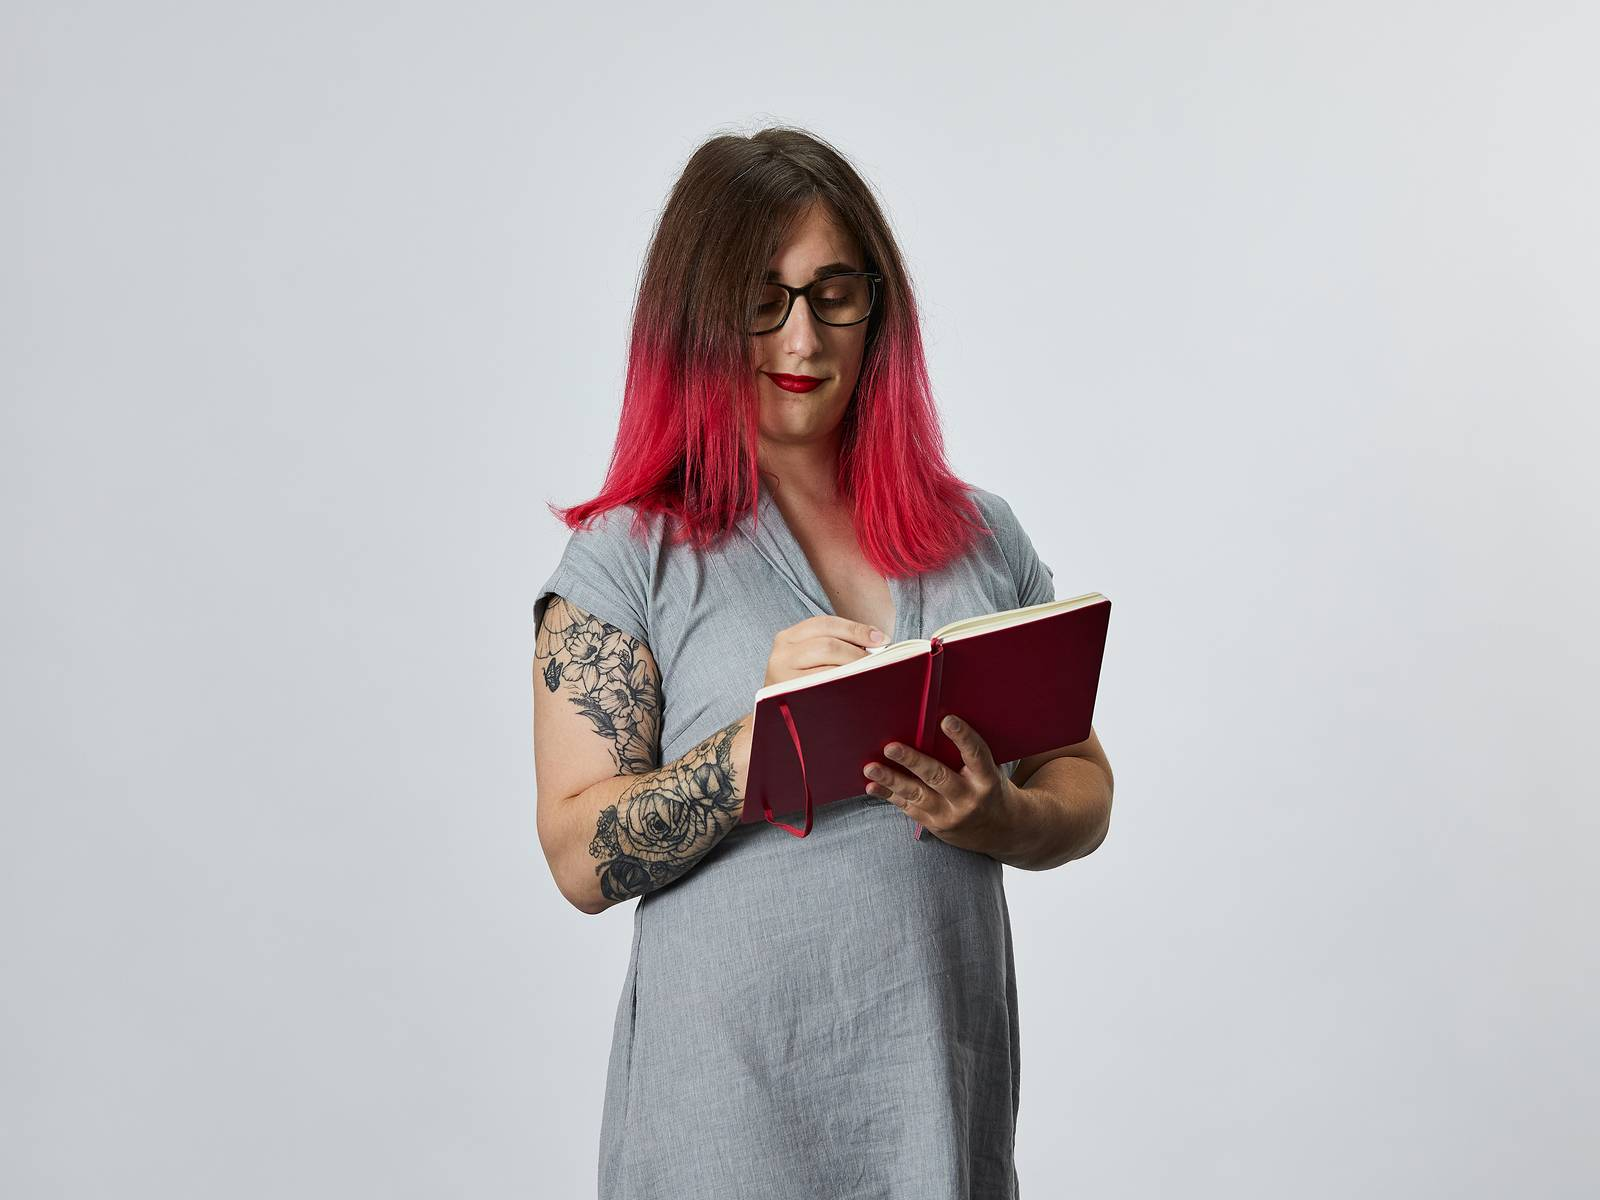 A profile image of Emilia Zapata